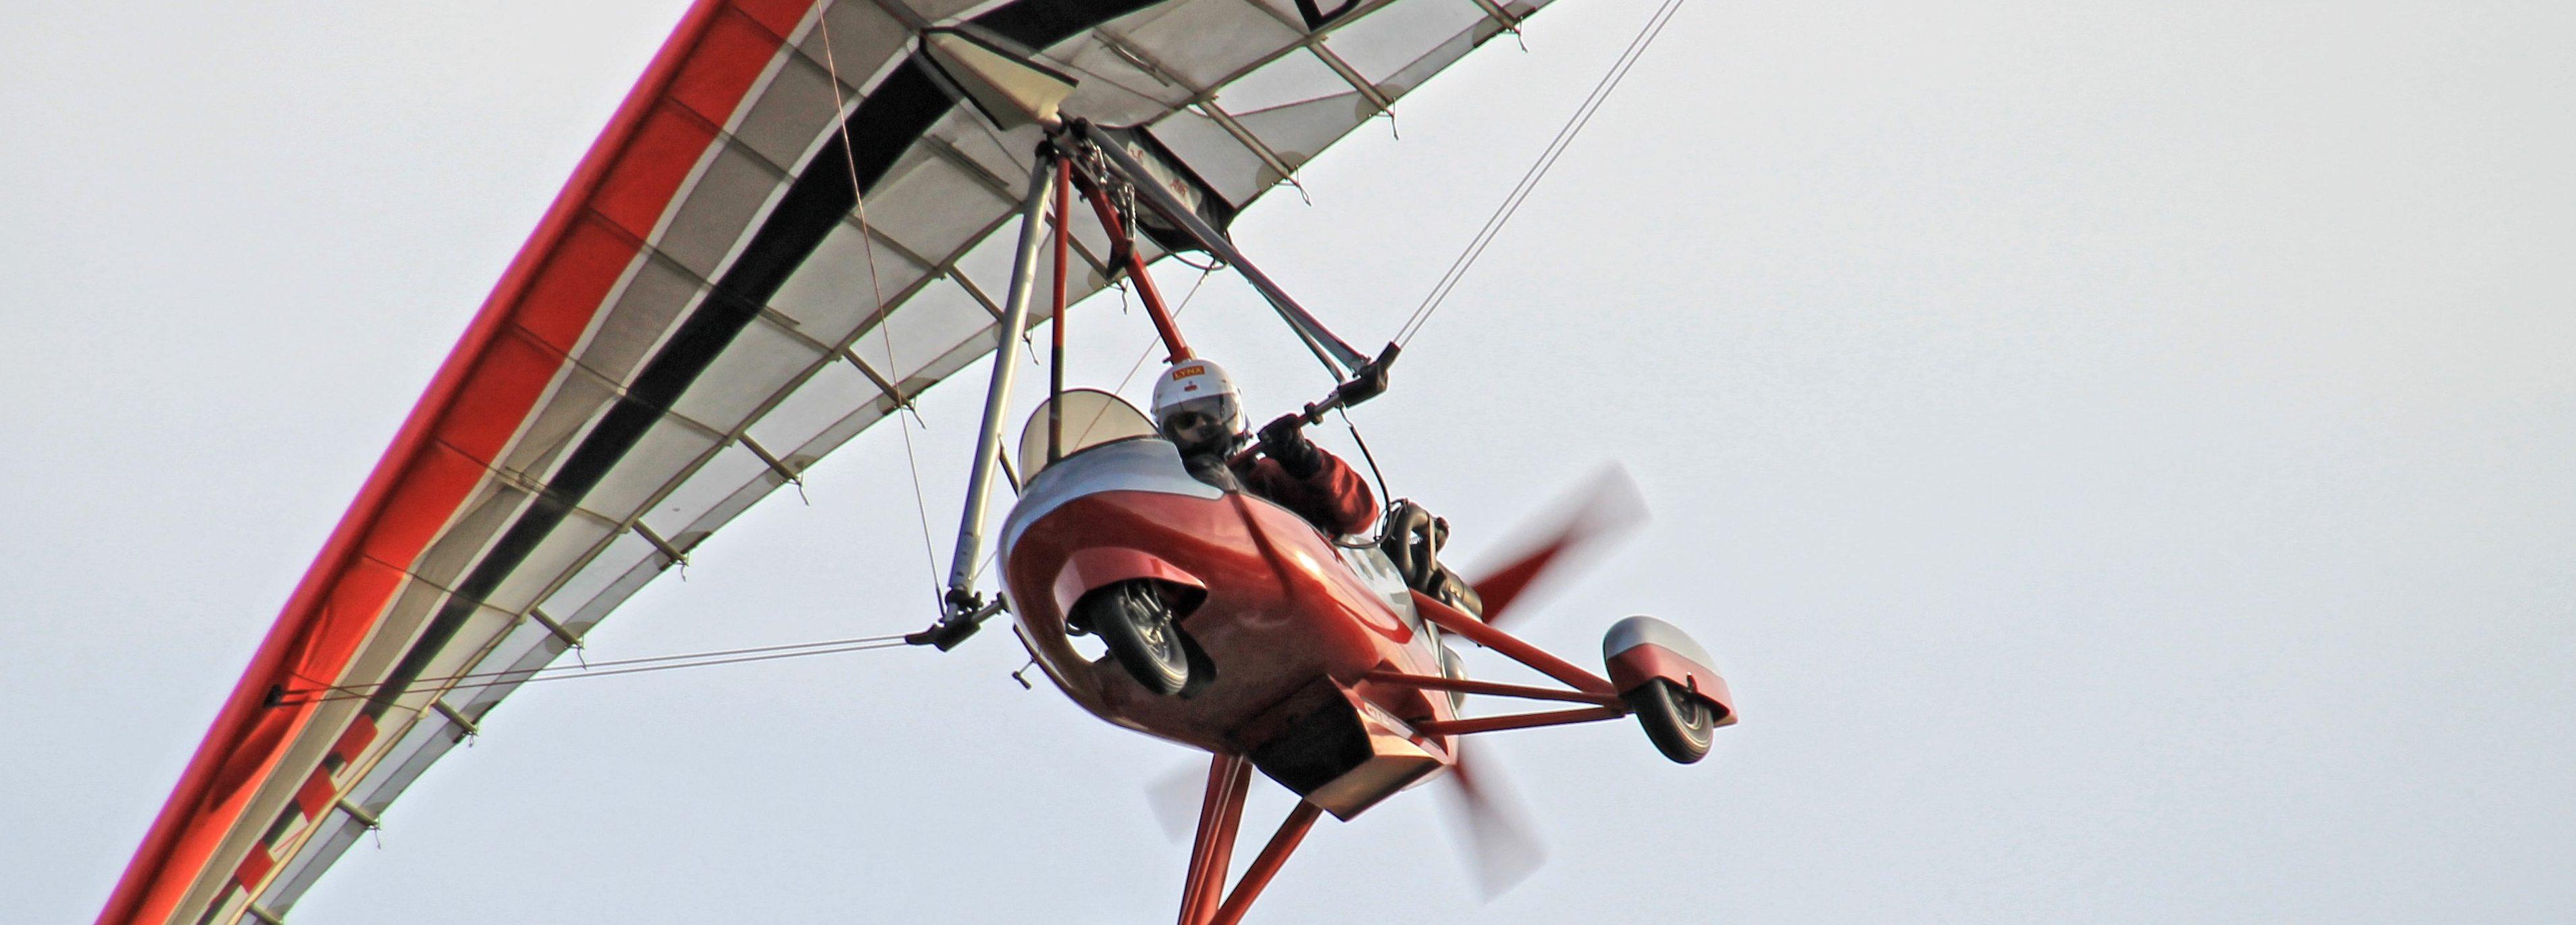 Trike von unten im Flug